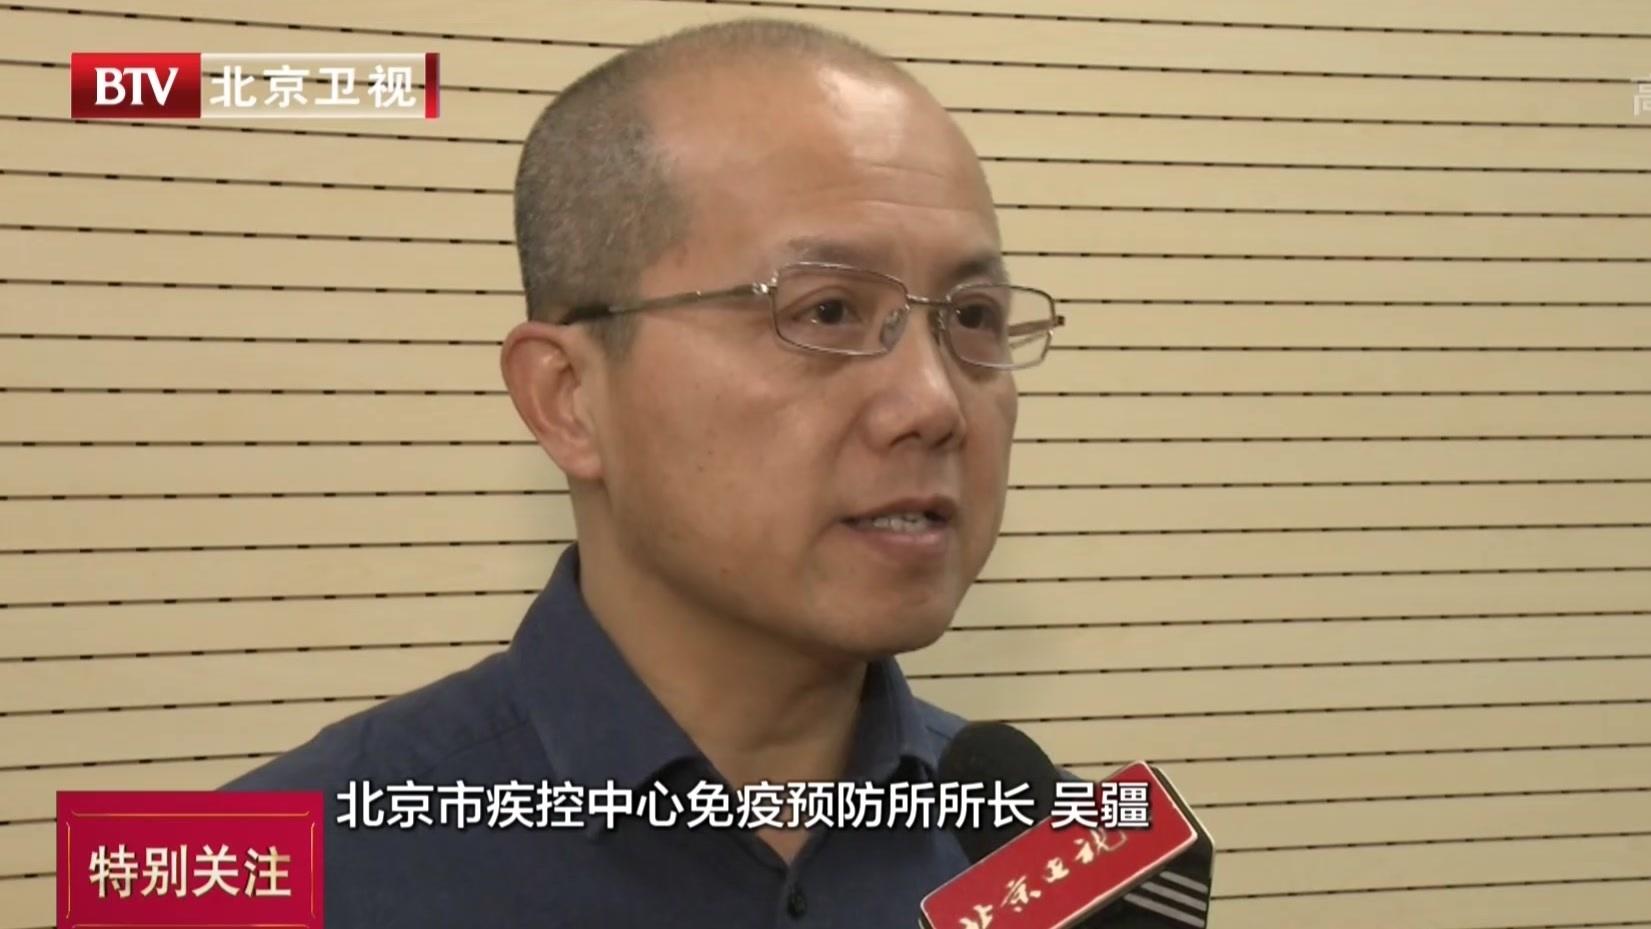 北京卫健委通气会 专家提醒尽量居家出门戴口罩